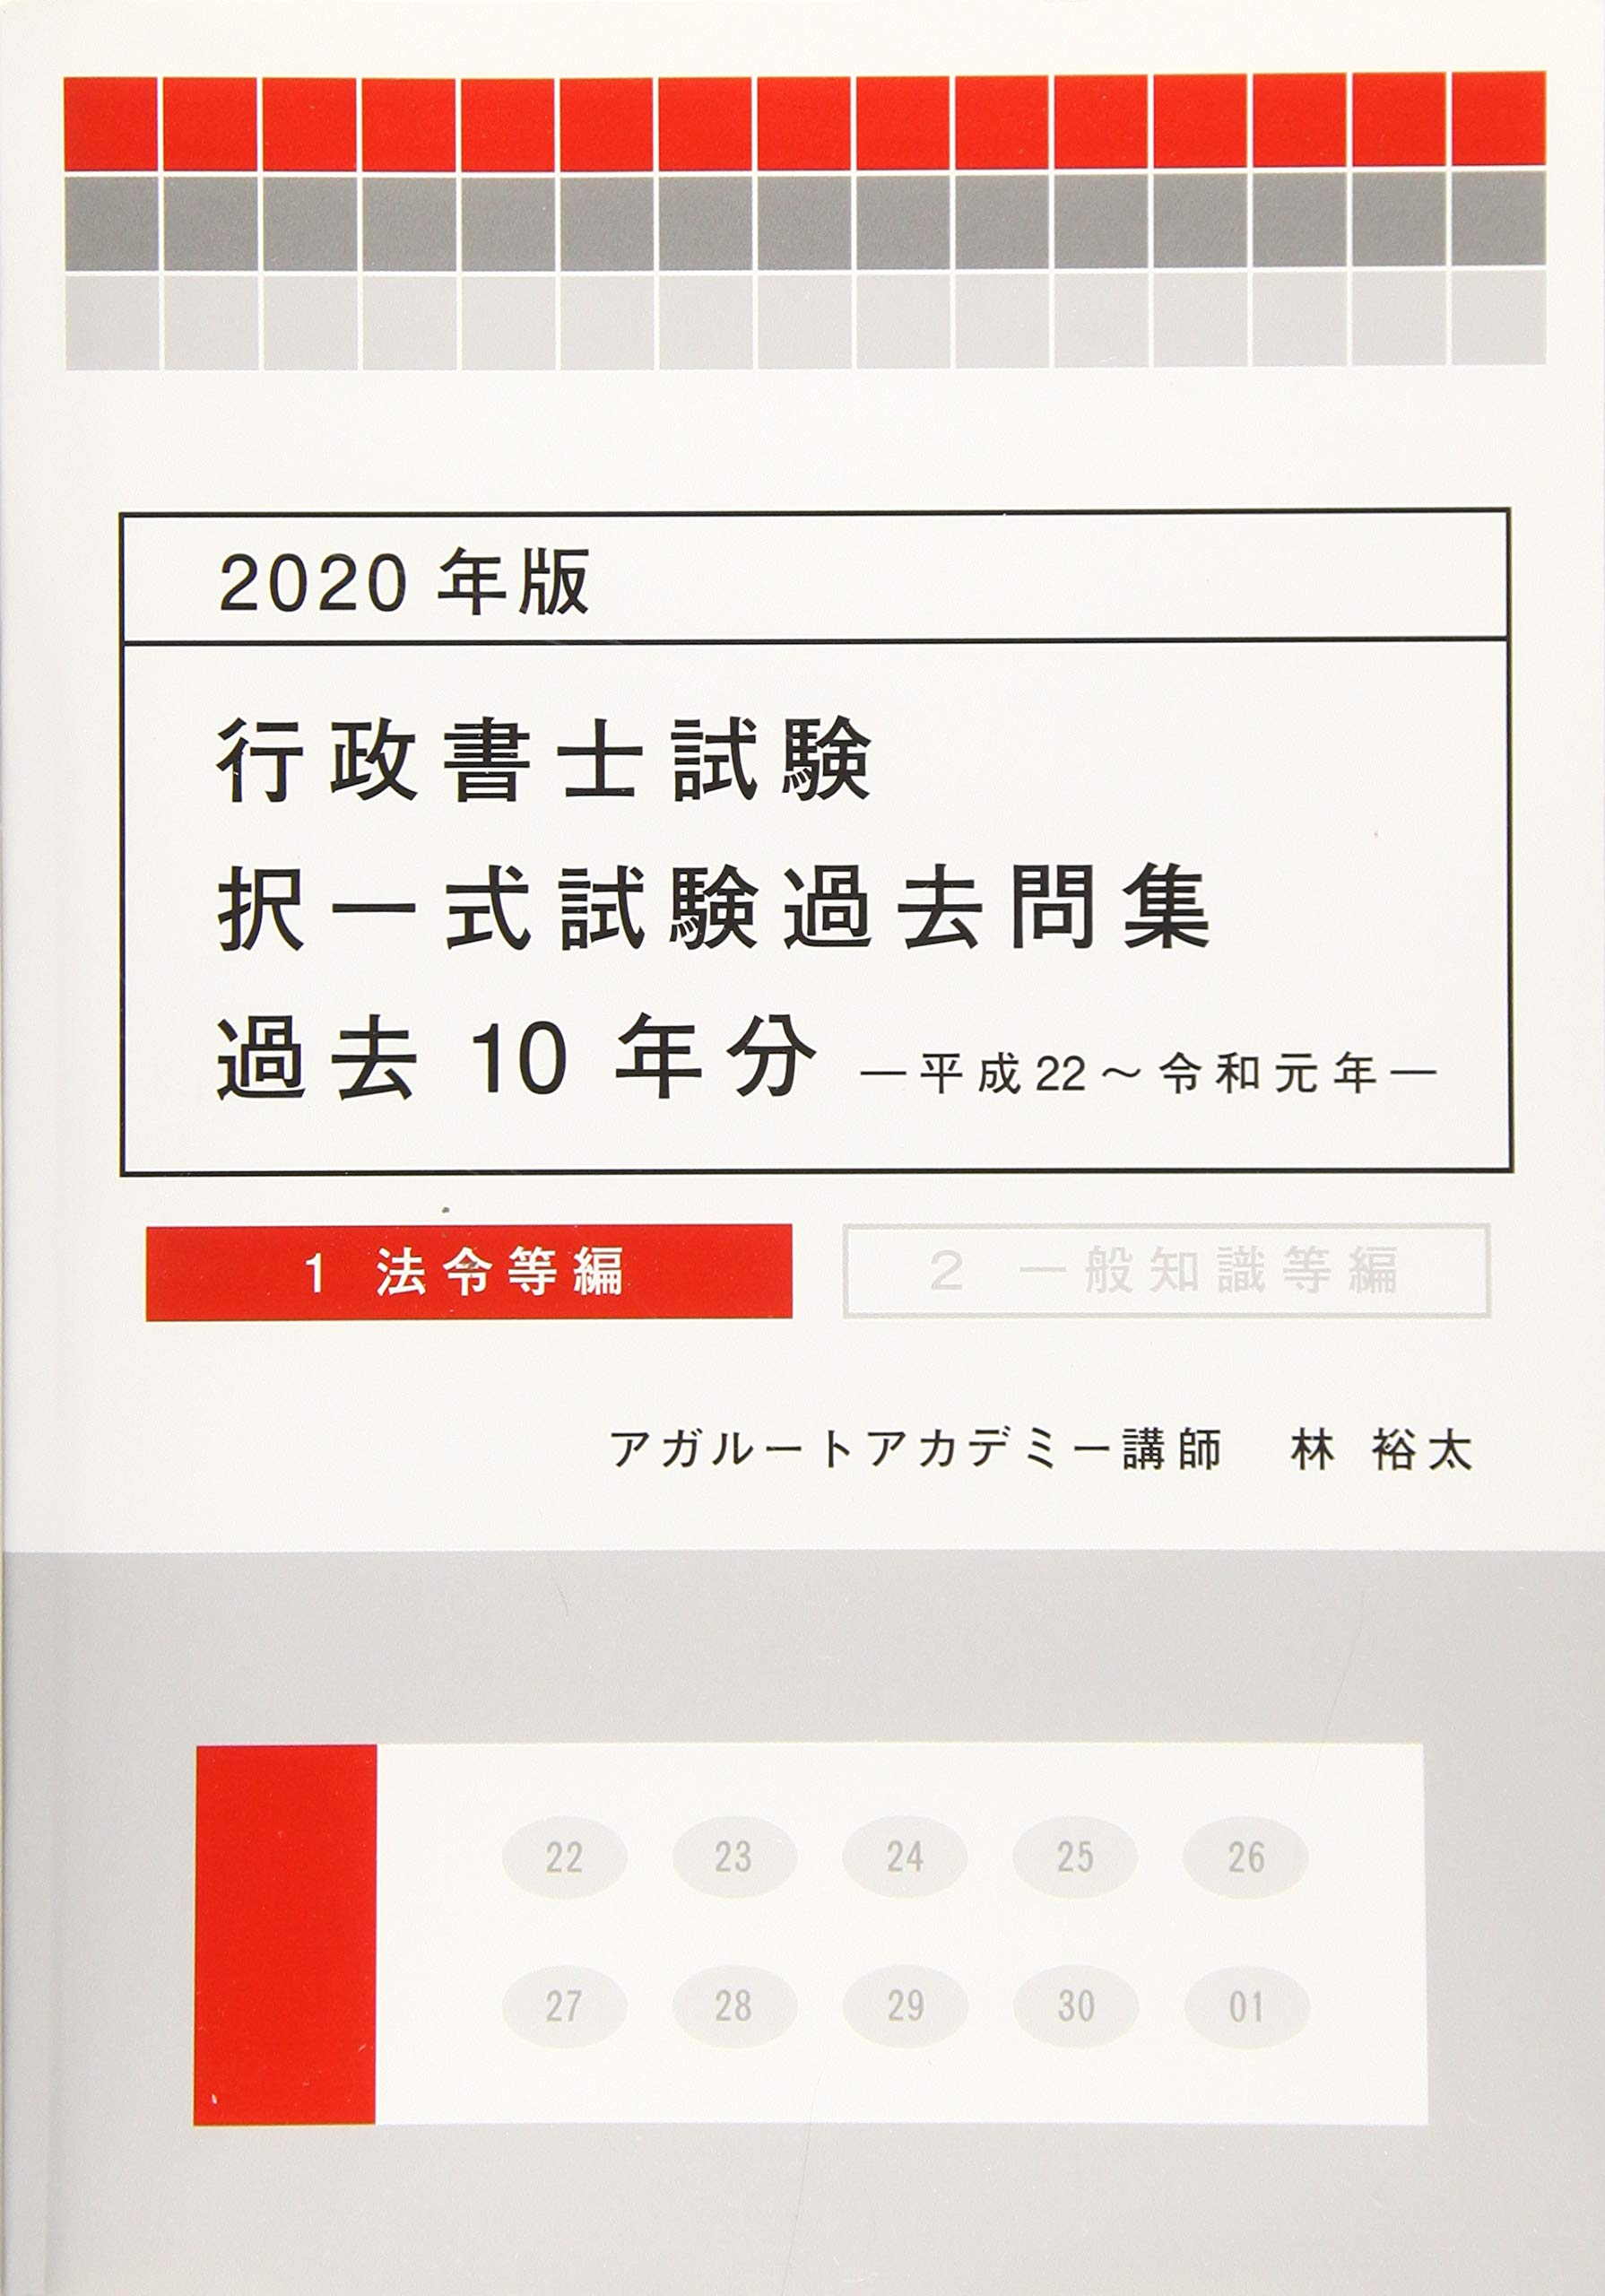 書士 2020 行政 模試